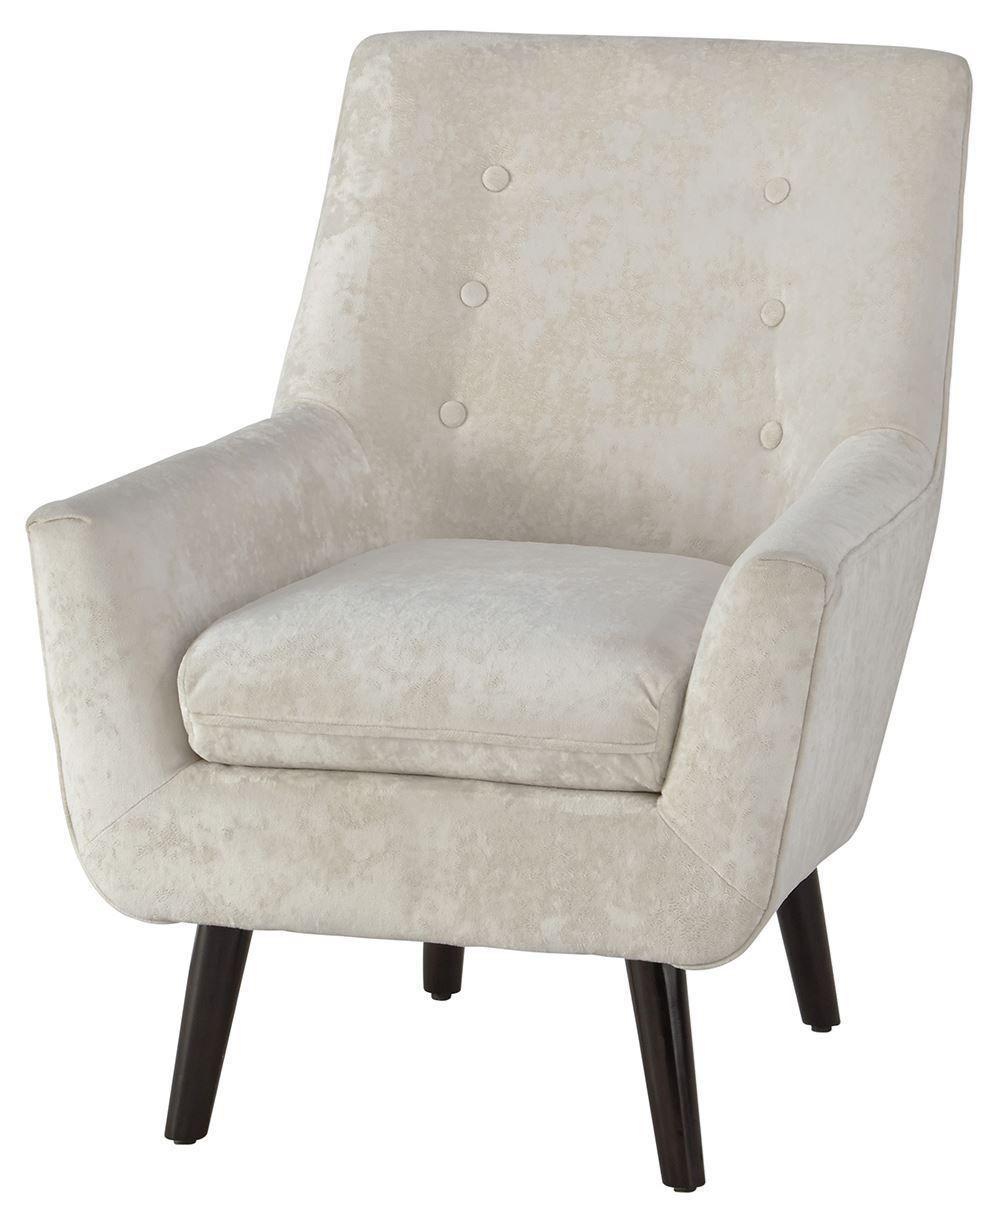 Zossen Ivory Accent Chair In 2020